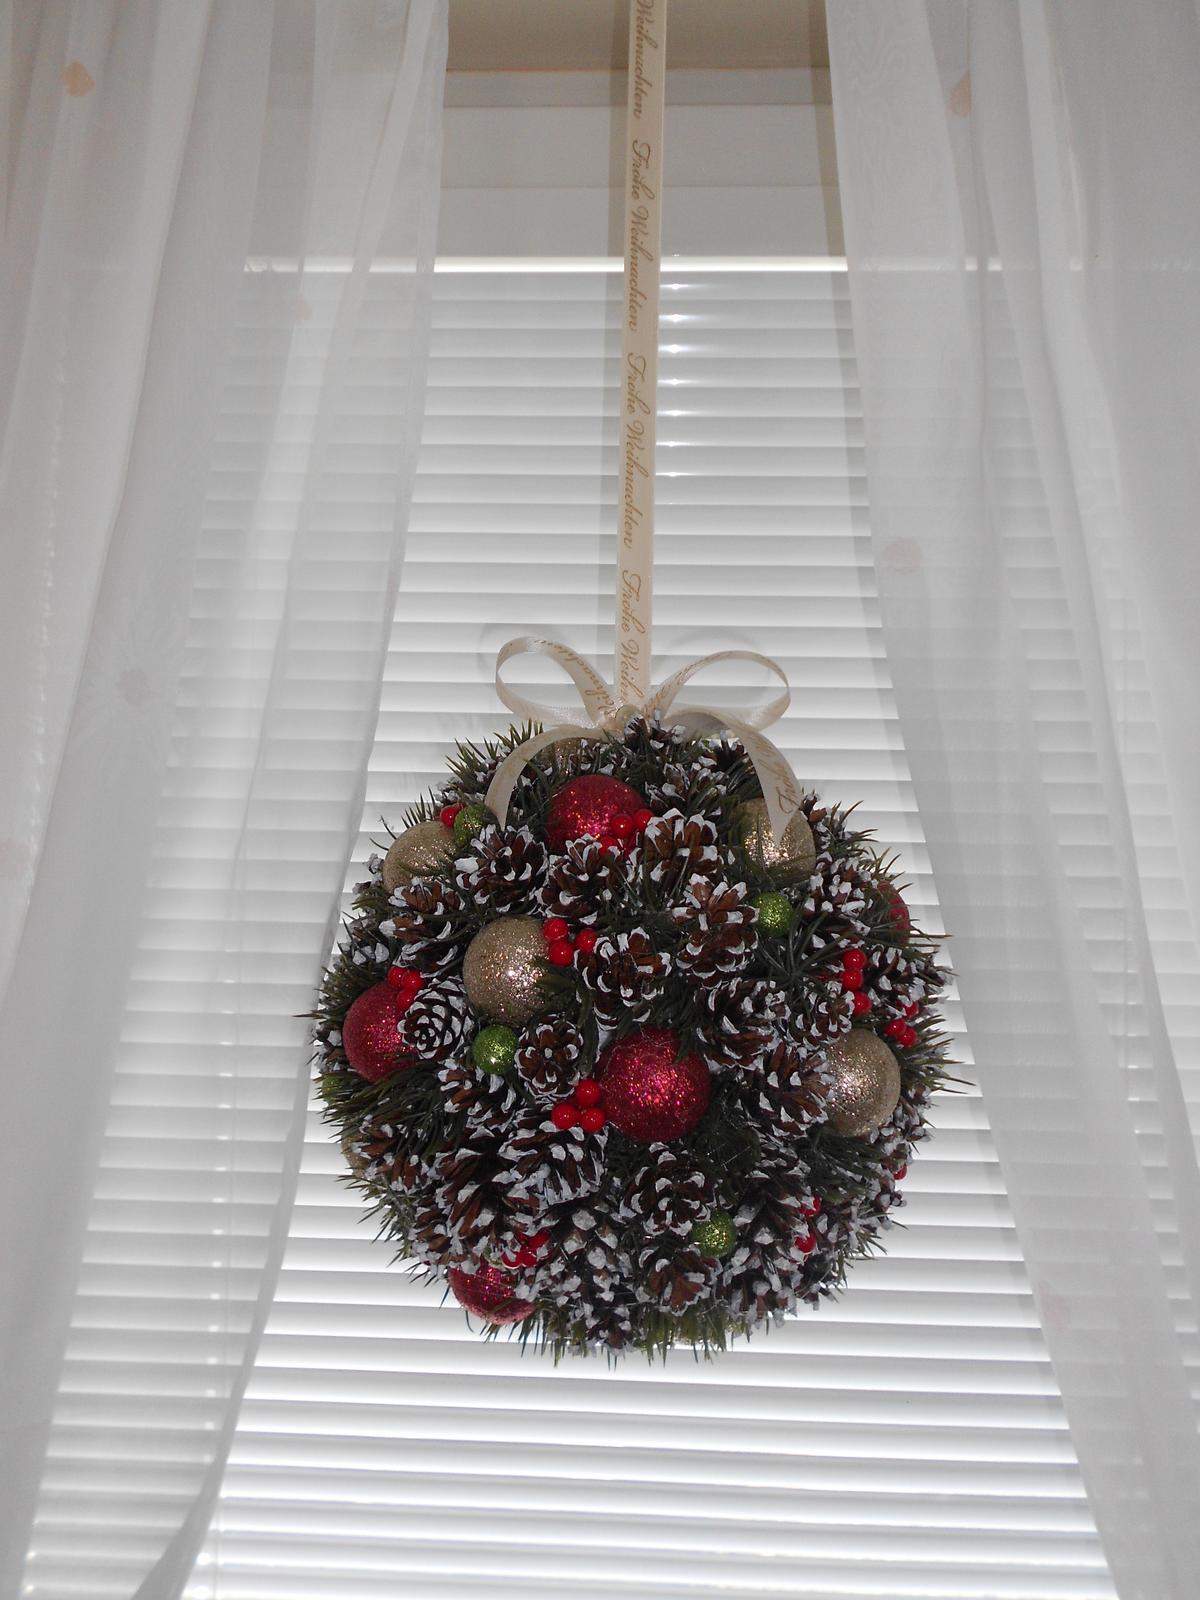 vianočná guľa - Obrázok č. 4